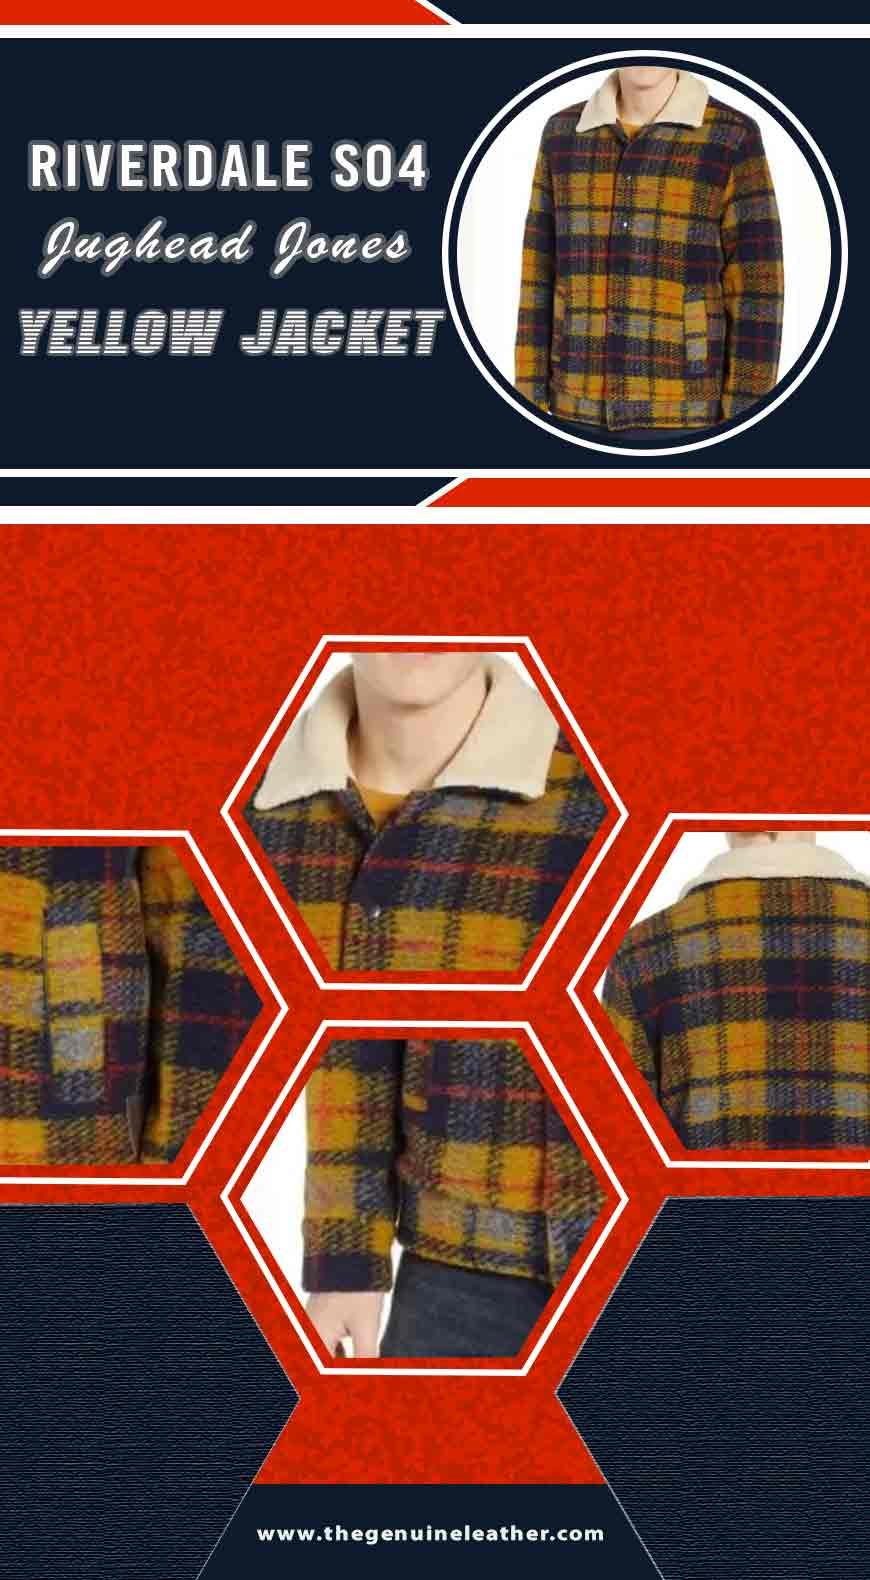 Riverdale S04 Jughead Jones Yellow Jacket info